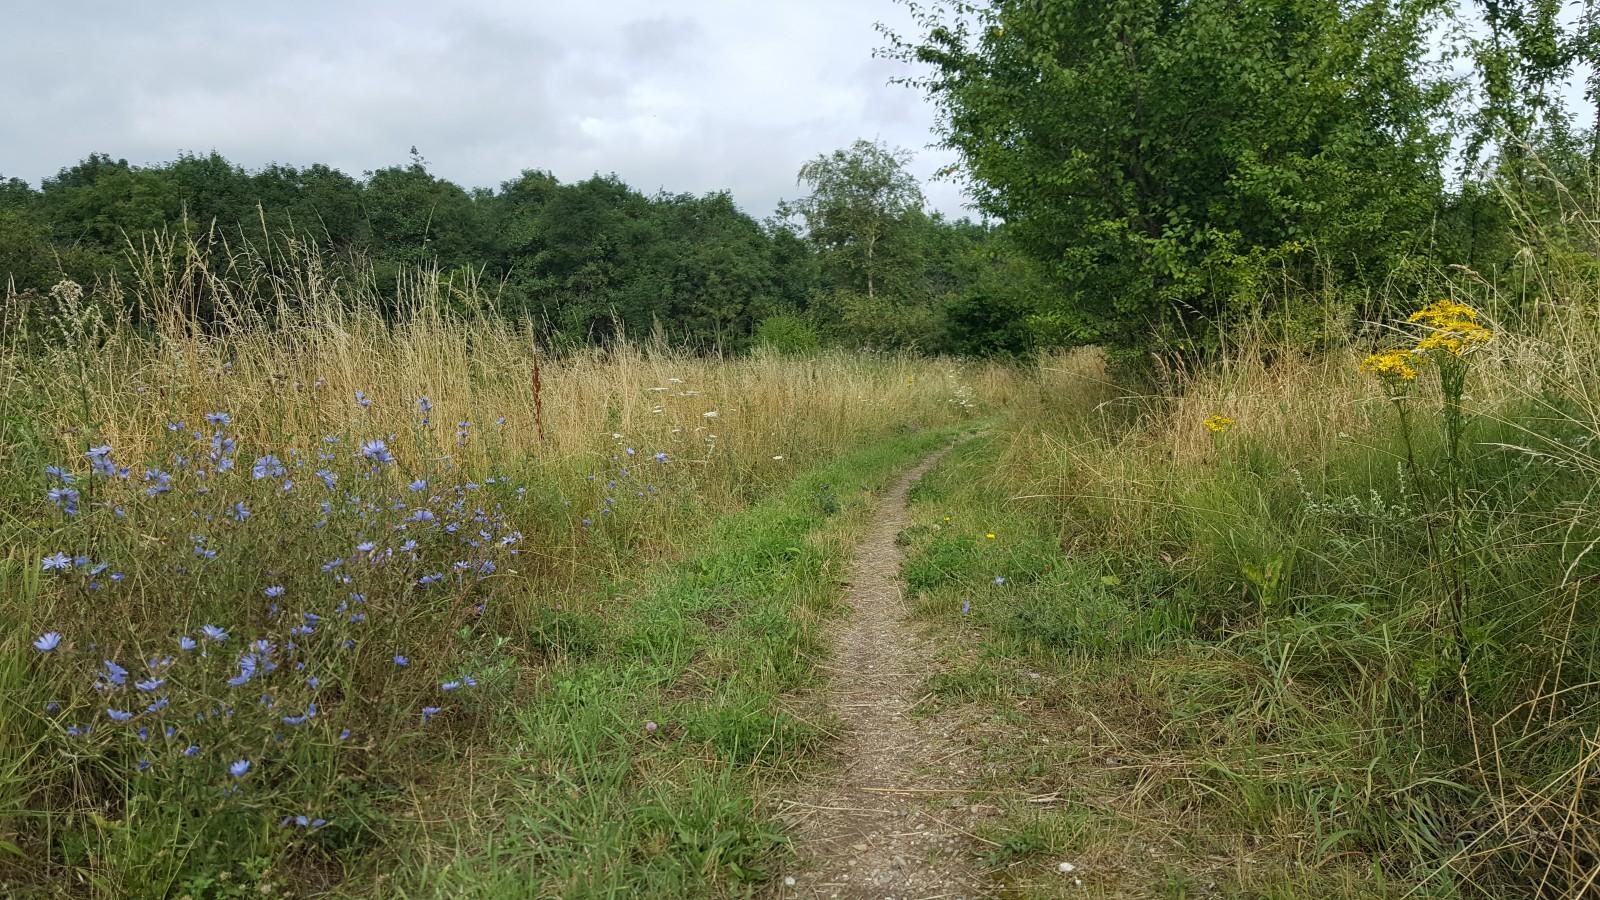 The path through the woods! A quiet walk through some fallow farmland in Denmark